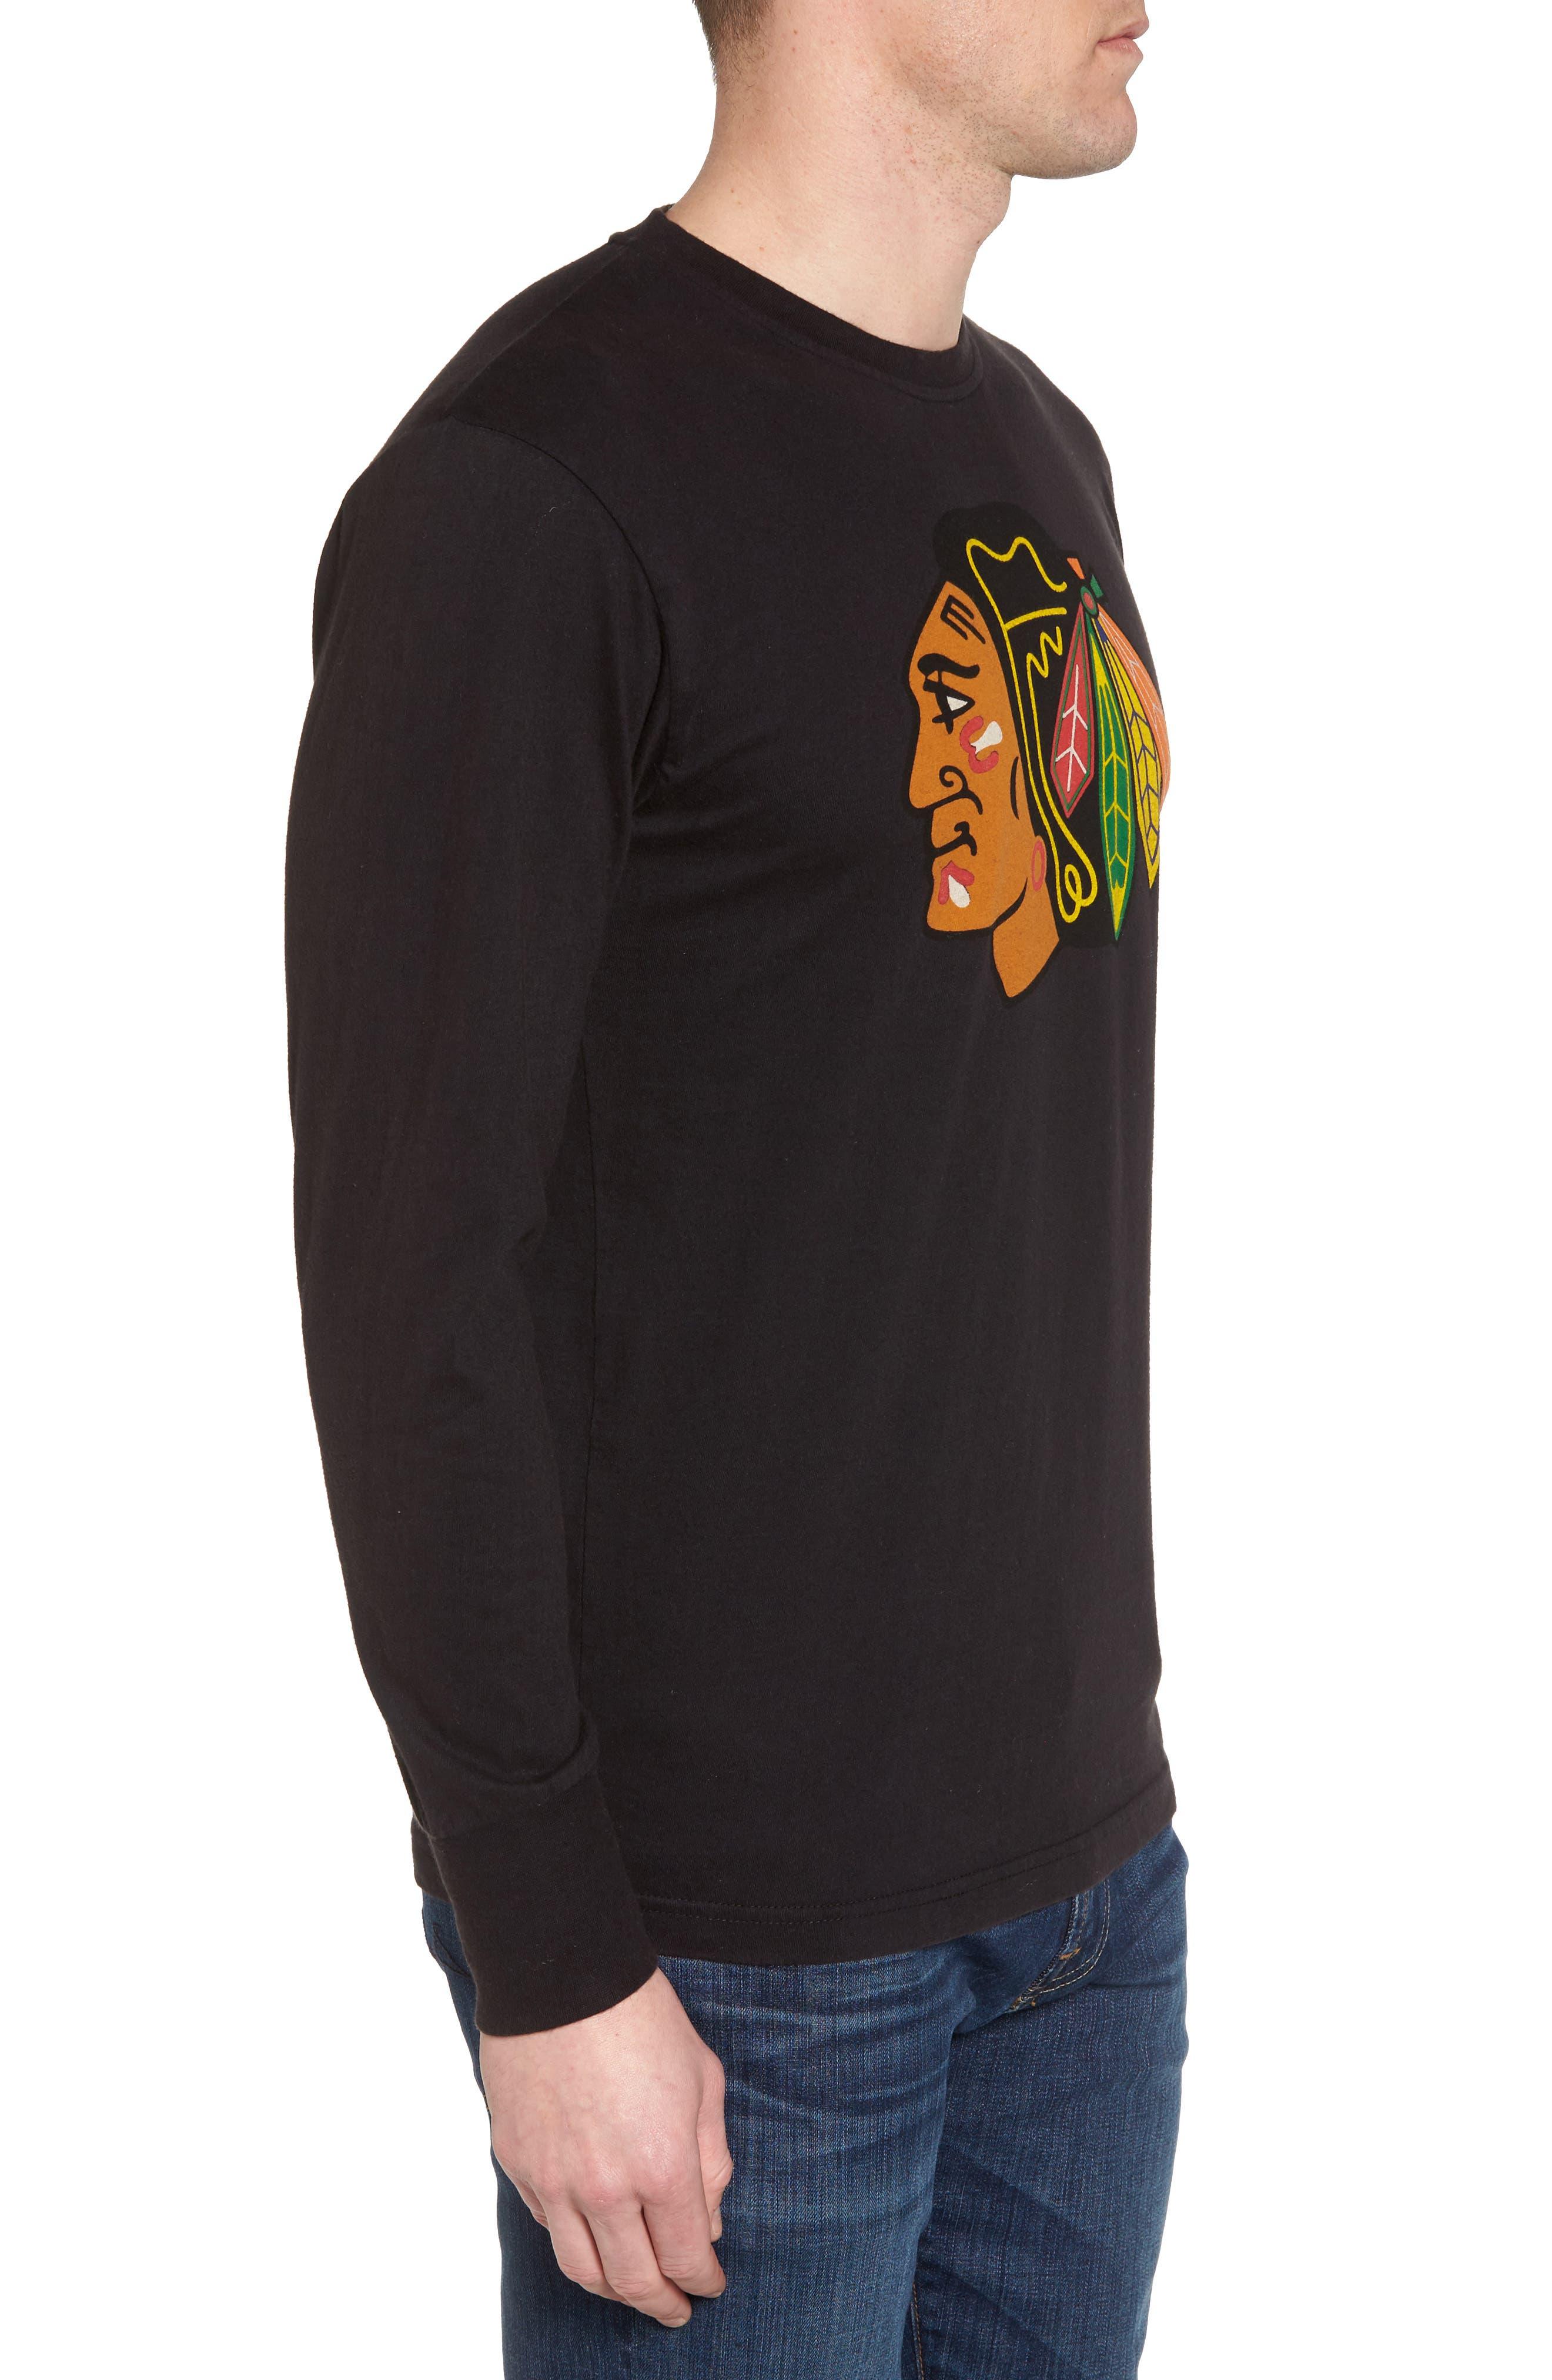 Gresham Chicago Blackhawks T-Shirt,                             Alternate thumbnail 3, color,                             Black